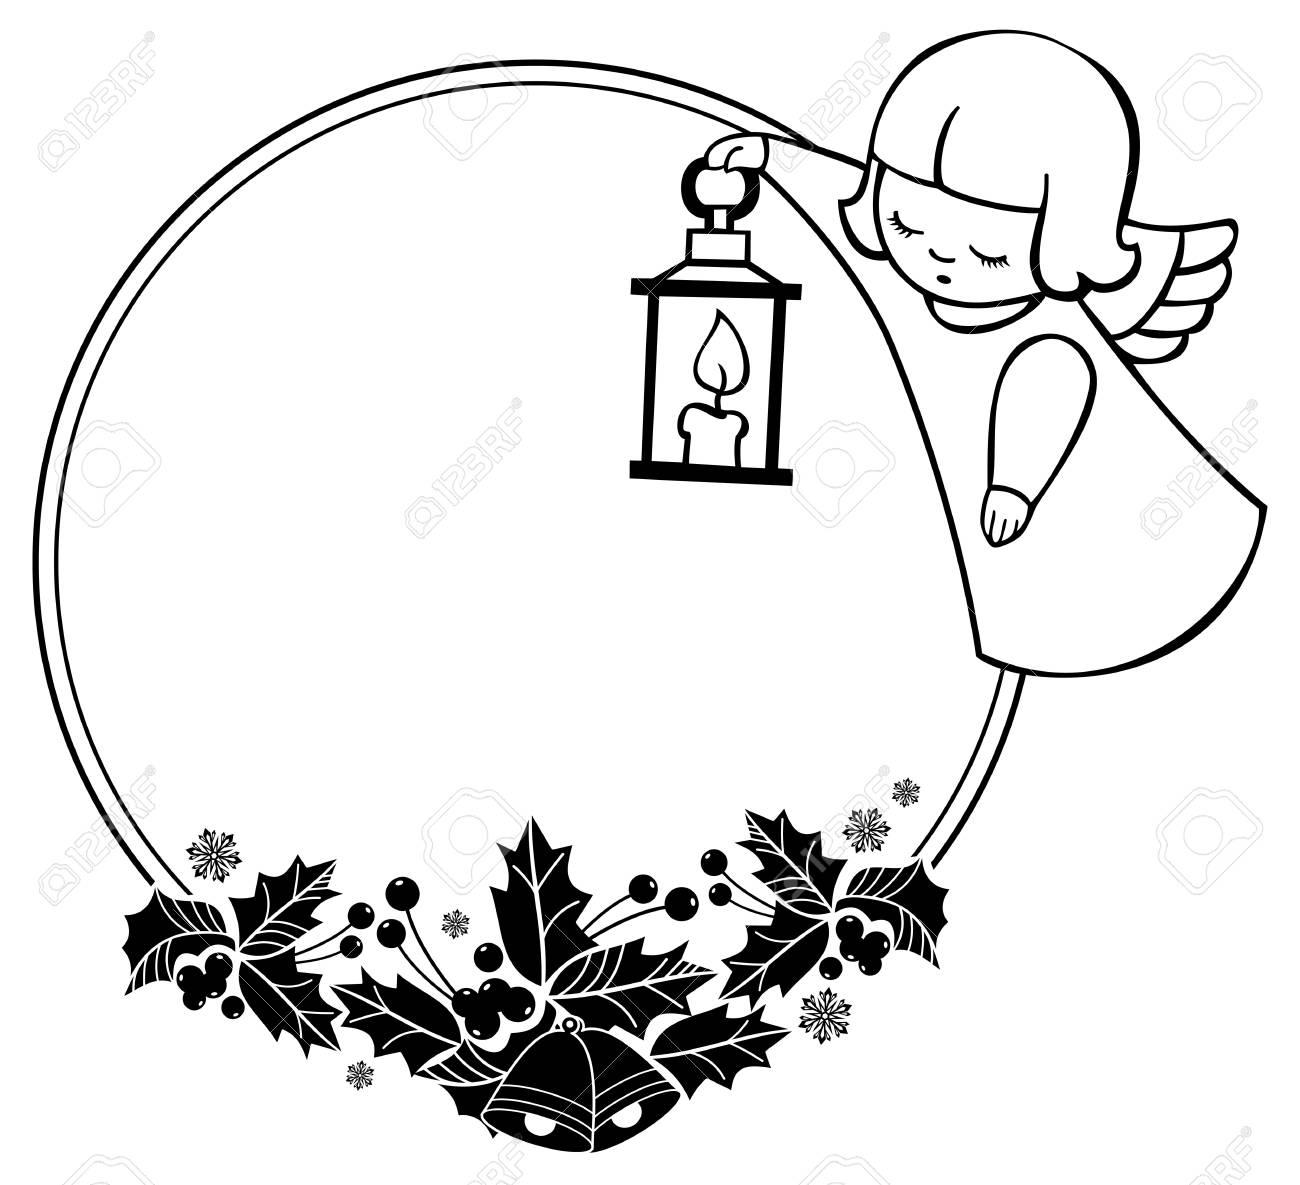 Cadre De Noël Noir Et Blanc Avec Des Anges Mignons Copiez Lespace Fond De Vacances De Noël Clipart Vectoriel